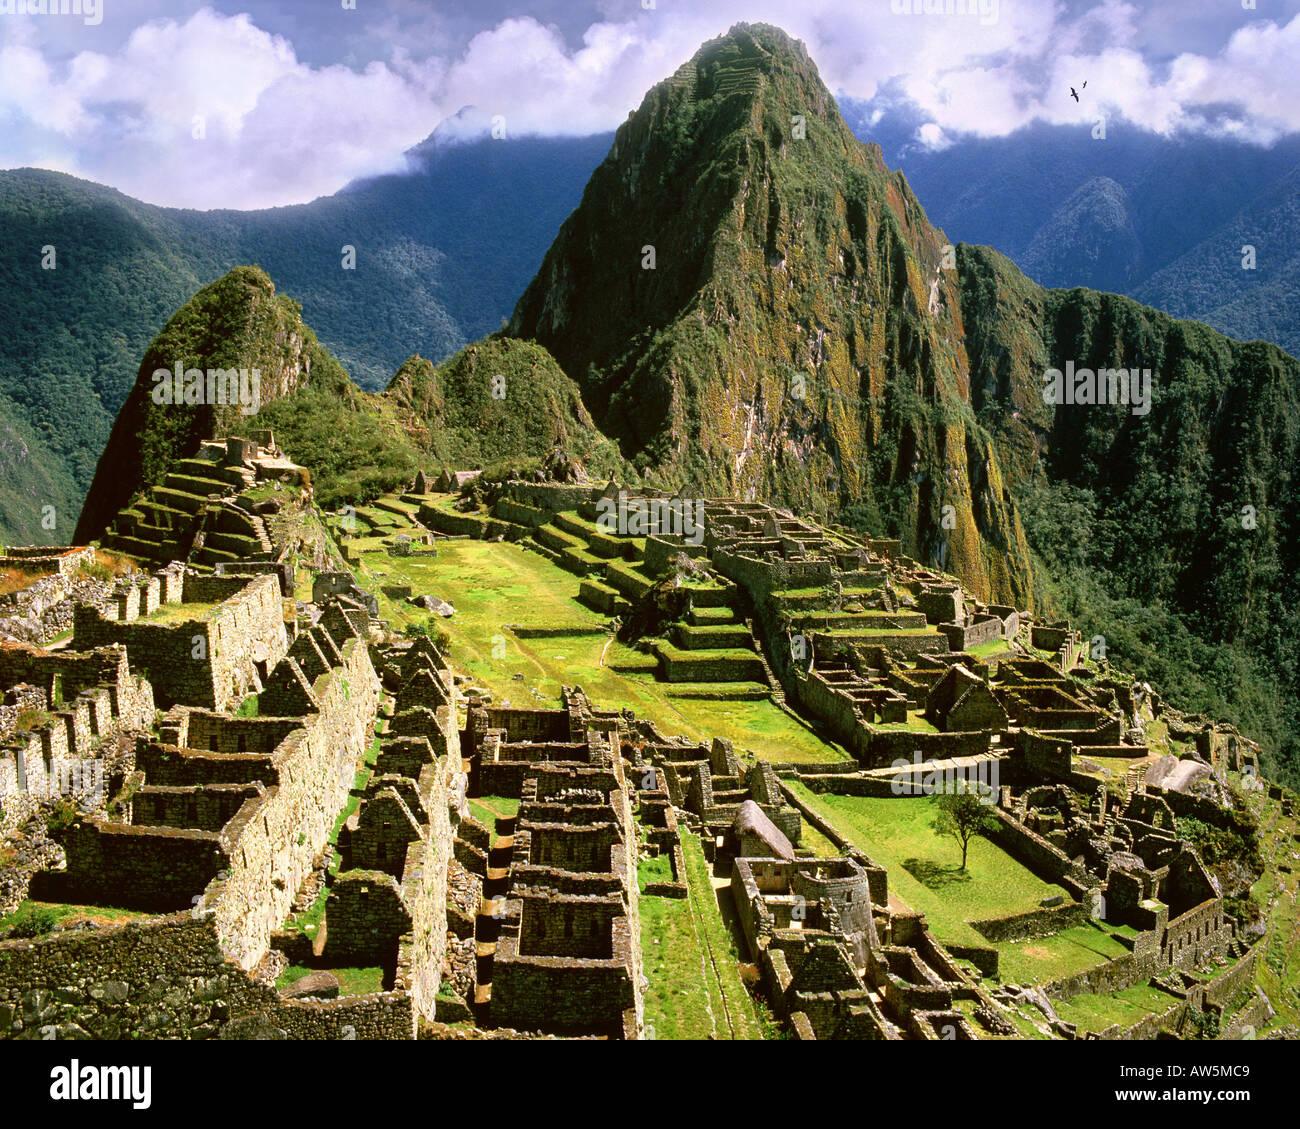 PE - Cuzco: Machu Picchu, l'antica città Inca delle Ande Immagini Stock